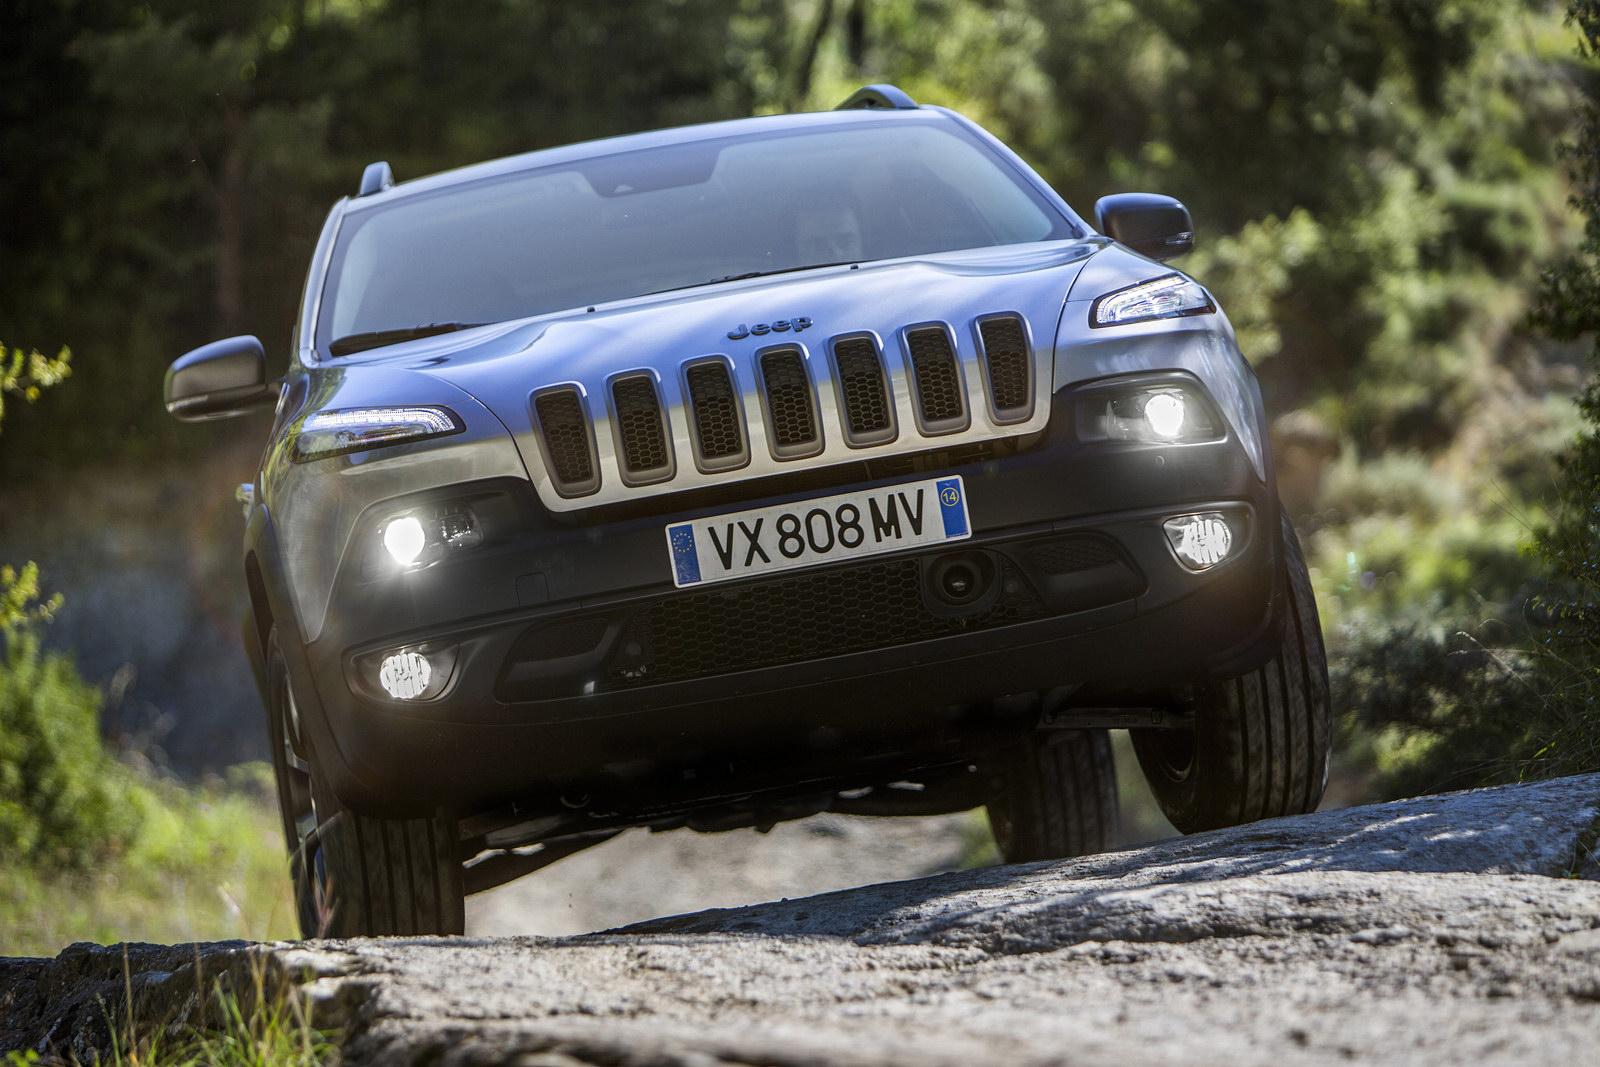 El nuevo Cherokee debutará en Europa con los tdi de Fiat en versiones de 140 y 170 CV...